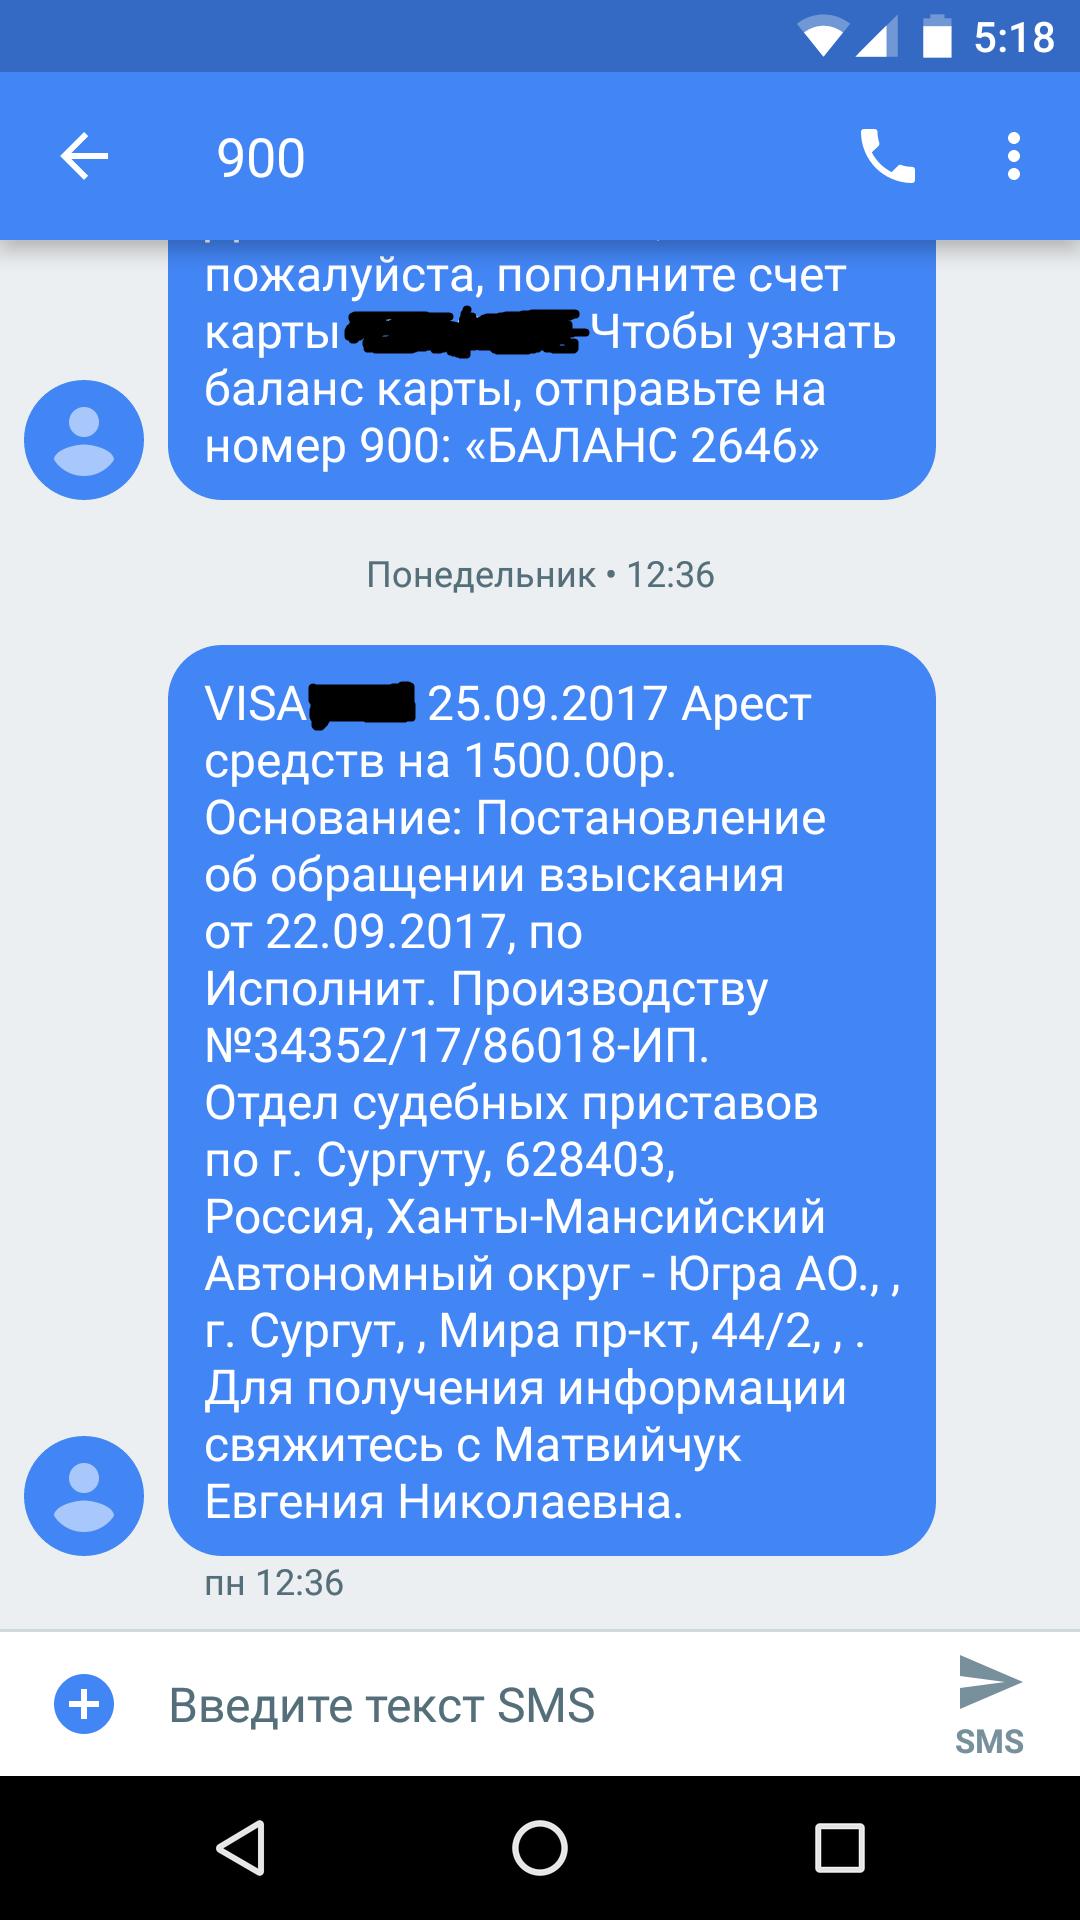 Имеют ли право приставы арестовать счет ип судебные приставы петропавловск камчатский проверить долги